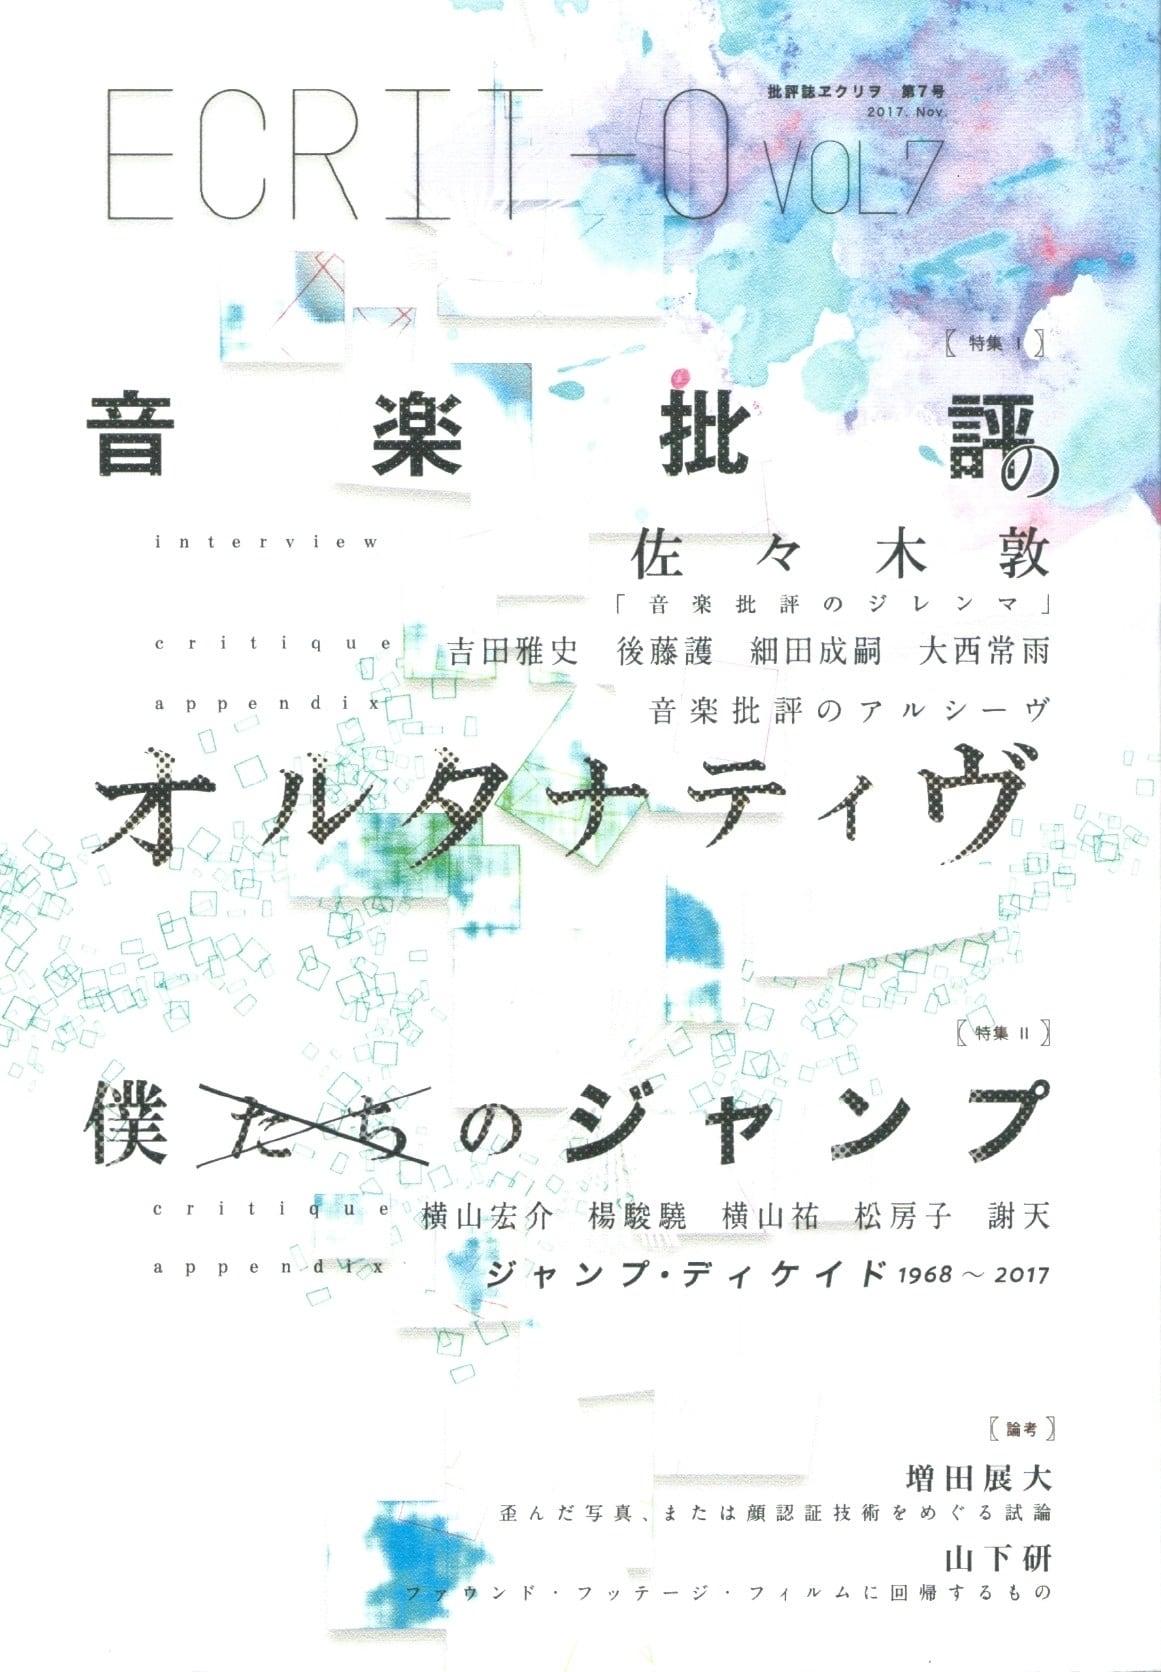 ヱクリヲ vol.7 音楽批評のオルタナティヴ/僕たちのジャンプ